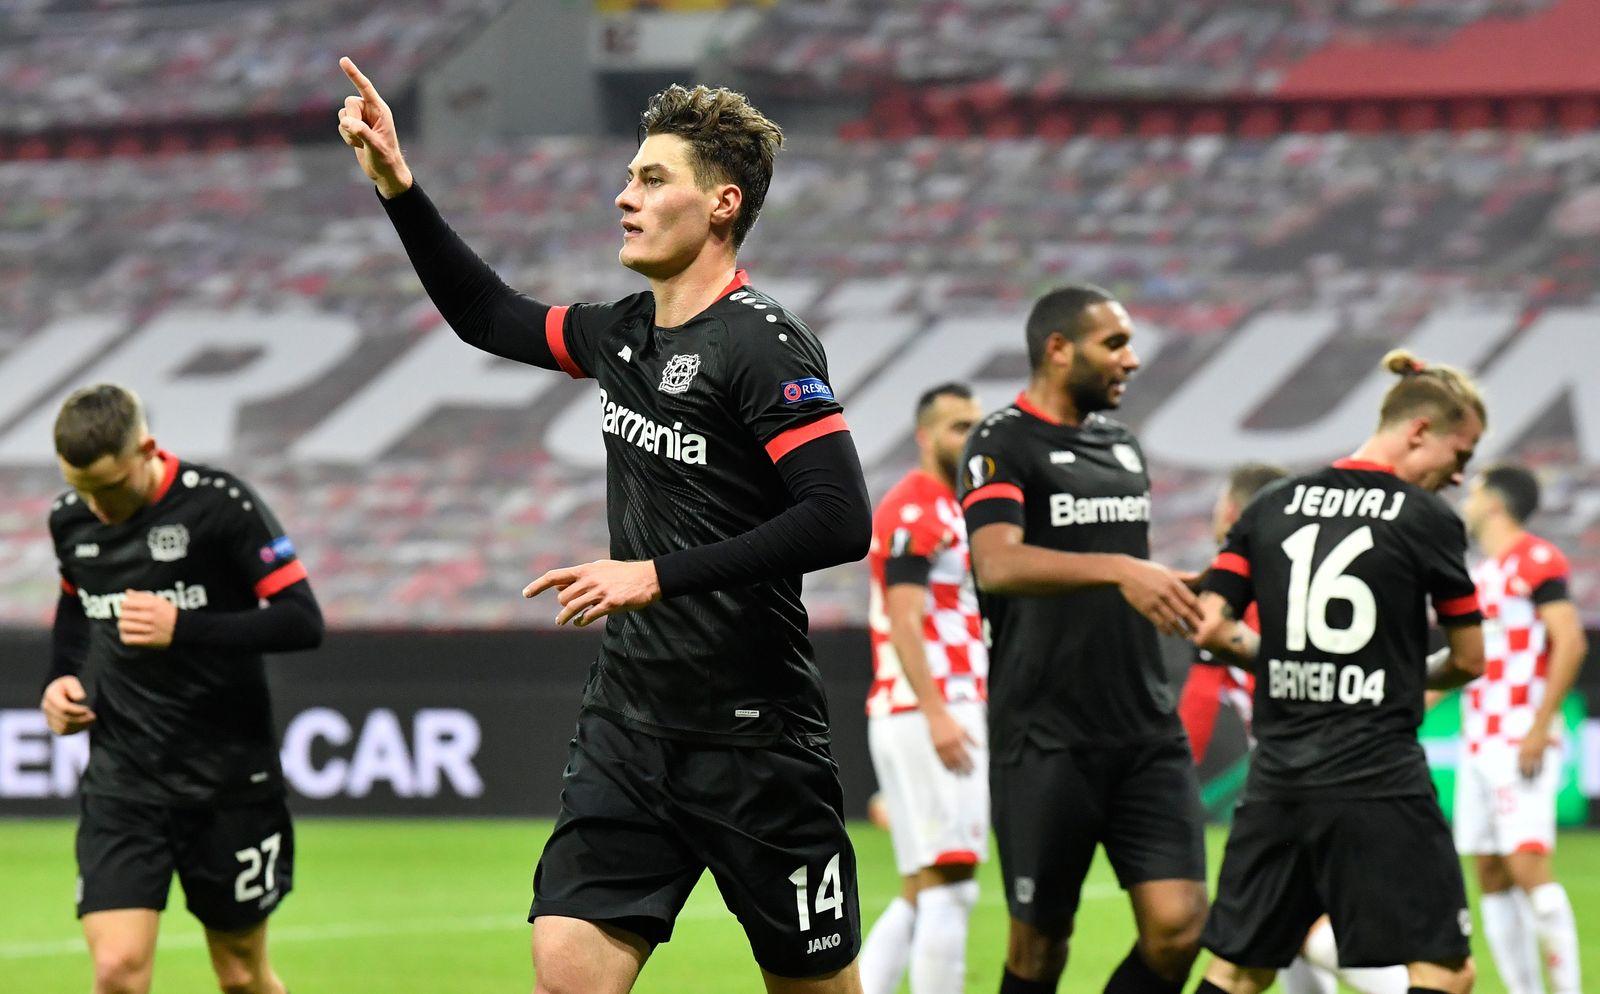 Bayer Leverkusen - Hapoel Beerscheva